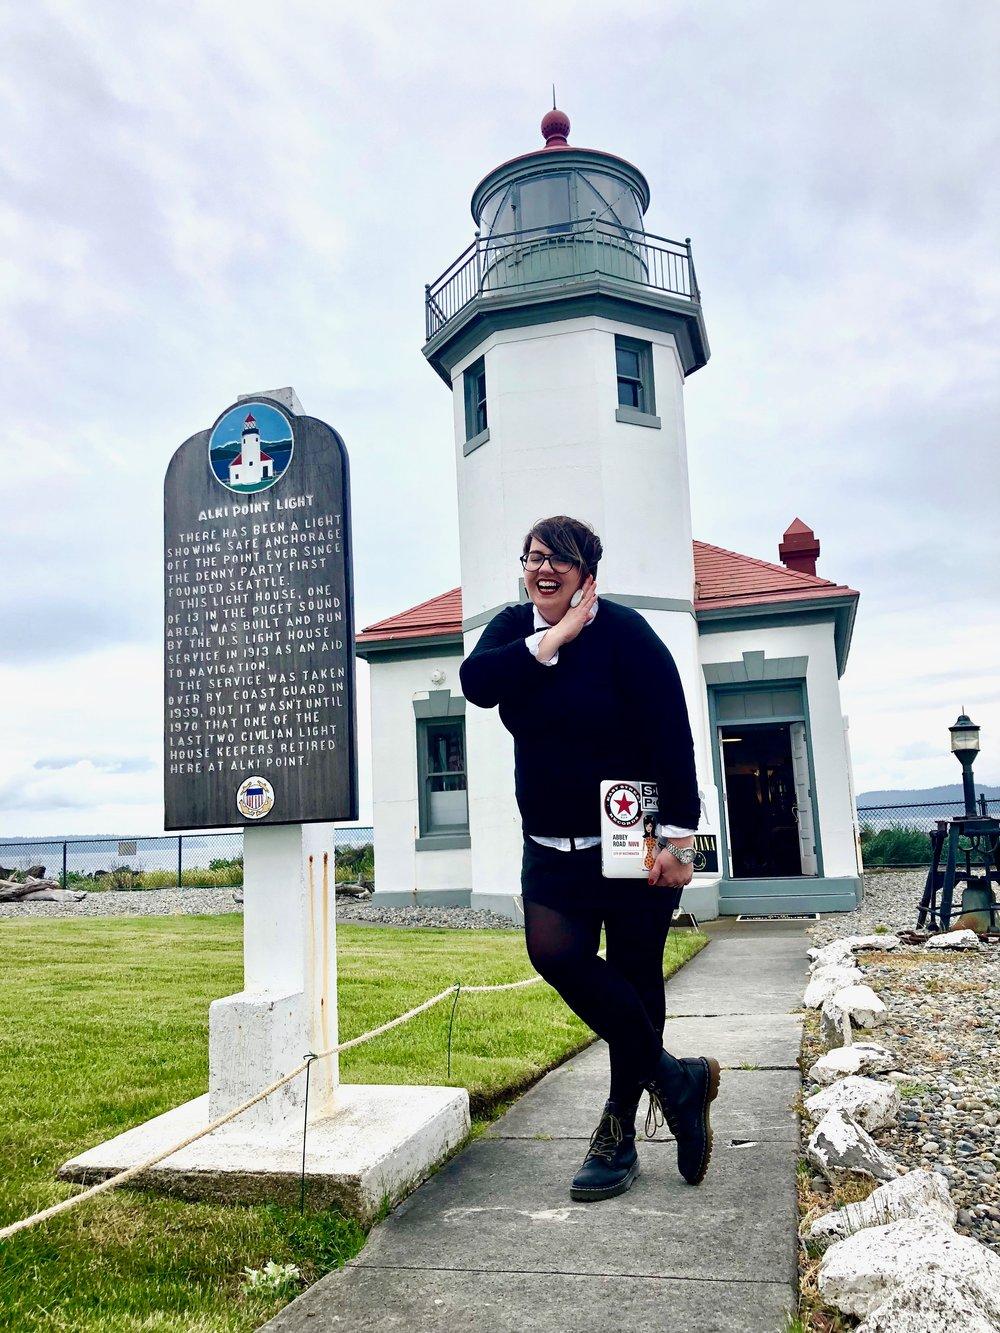 Mandy Zelnka West Seattle 2018 photo by @MayorFerg-4.JPG